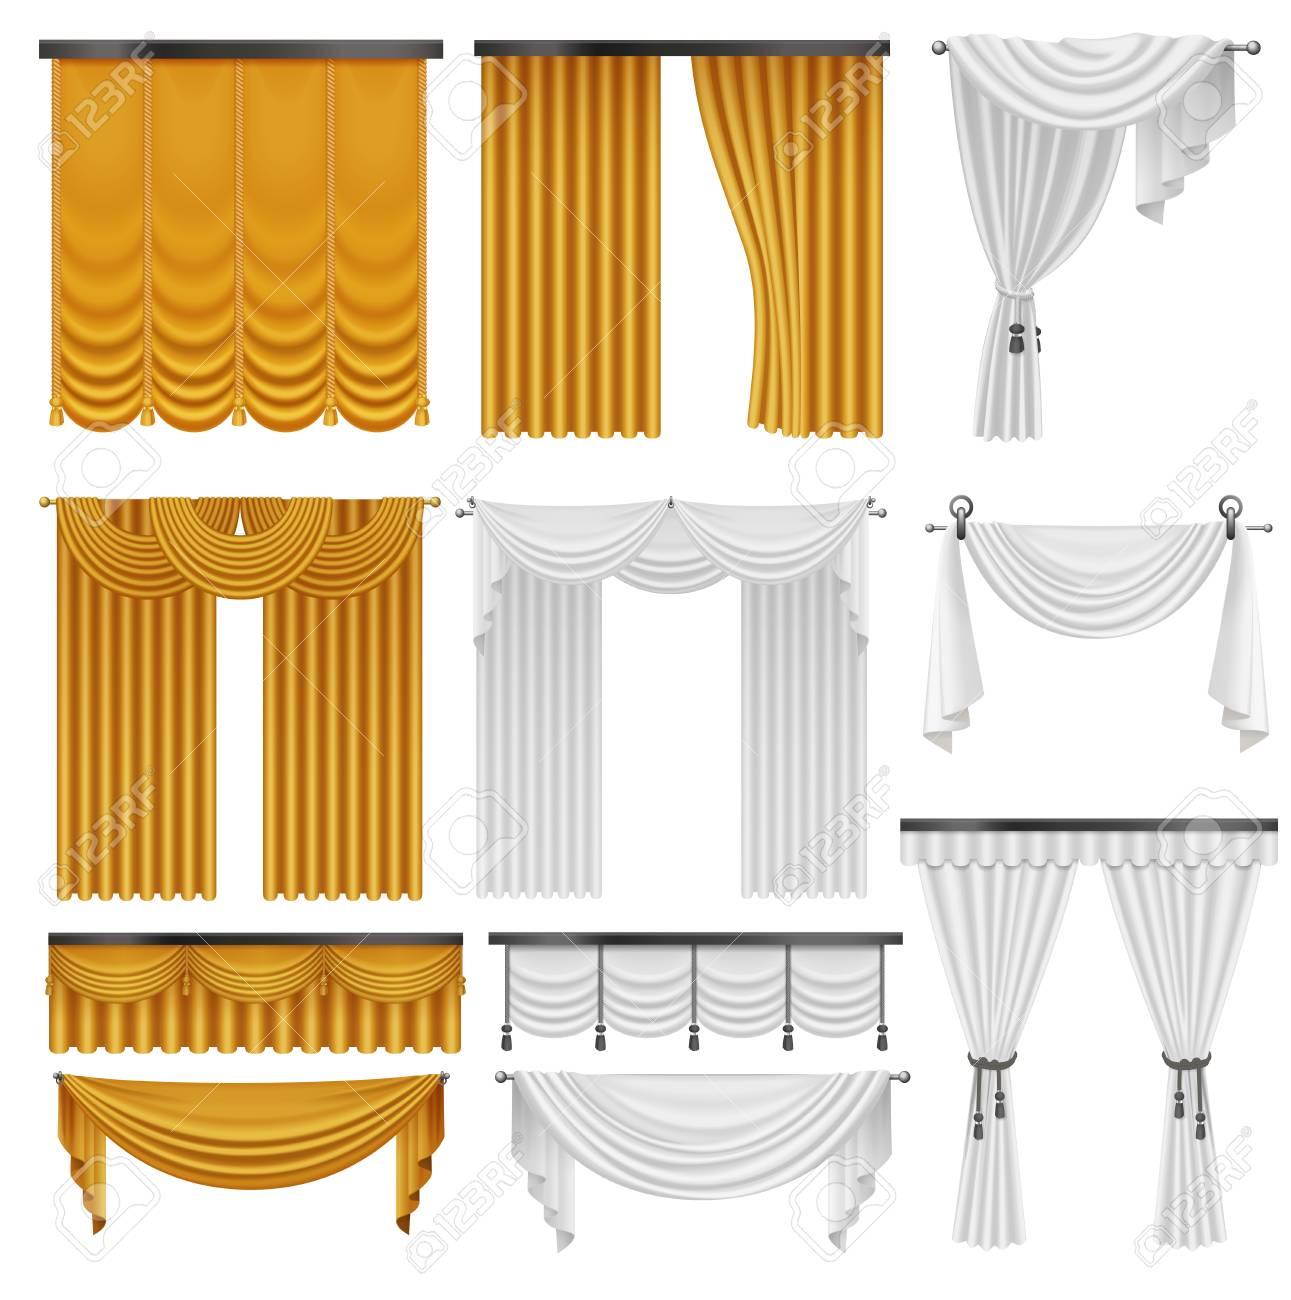 Oro Y Cortinas De Seda De Encaje Y Cortinas De Color Rojo Ilustración De Diseño De Decoración De Cortinas De Lujo Realista